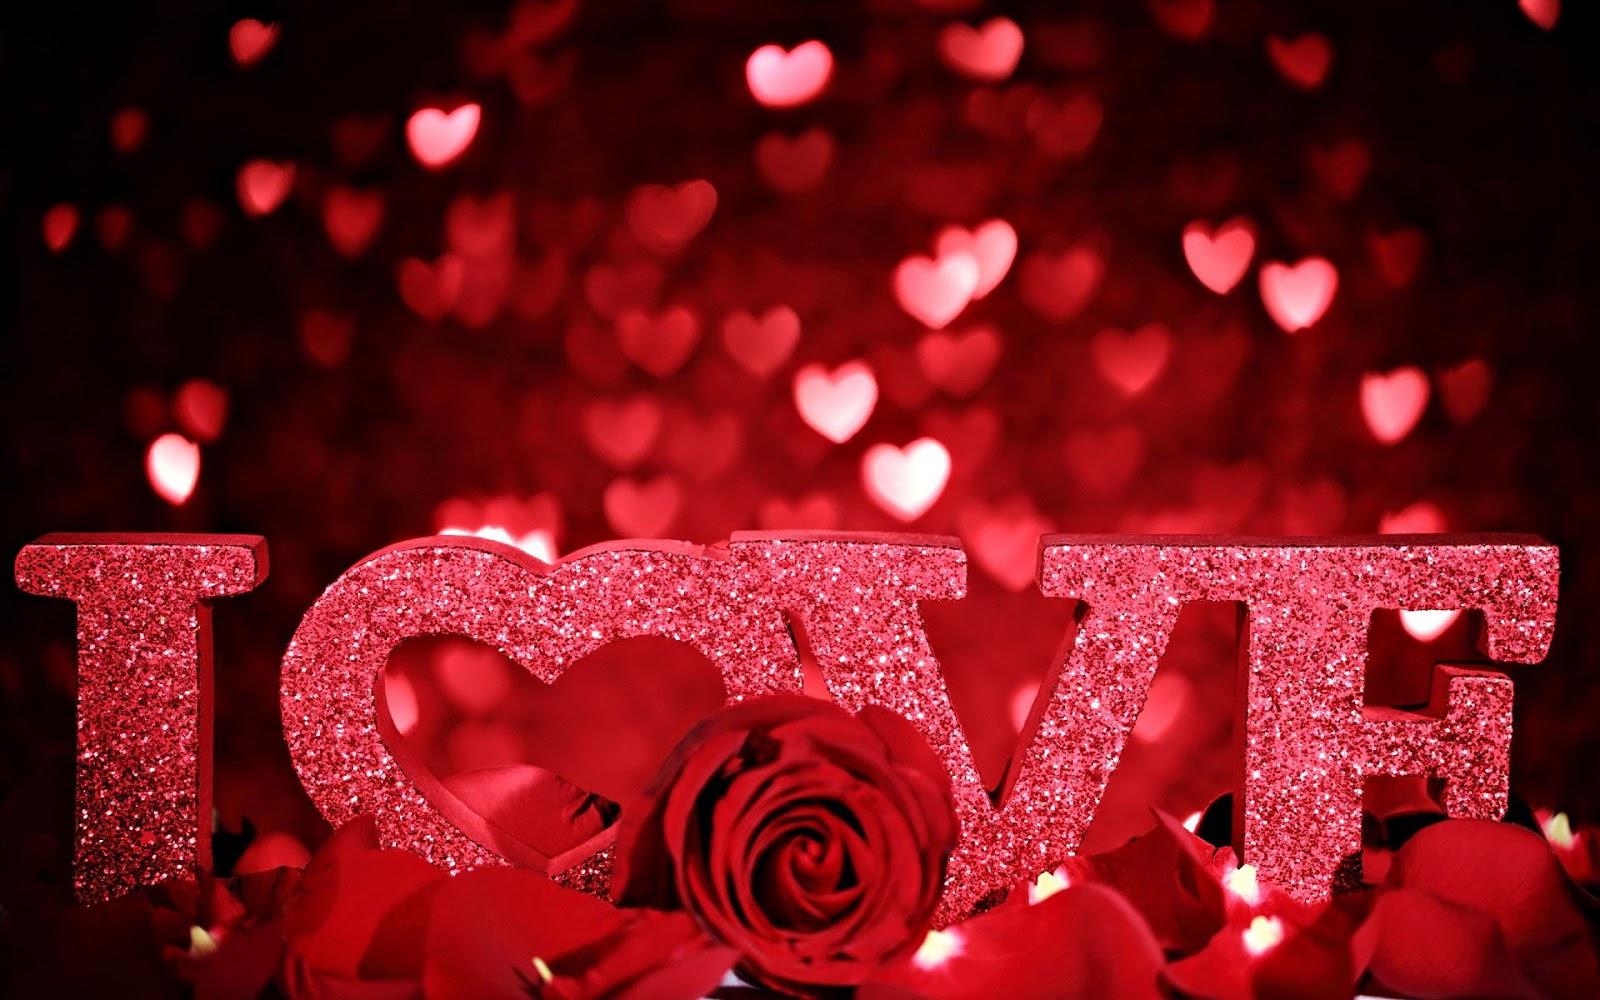 بالصور احلى صور حب , الحب وصور بها اكثر كلمات للحب 1569 8